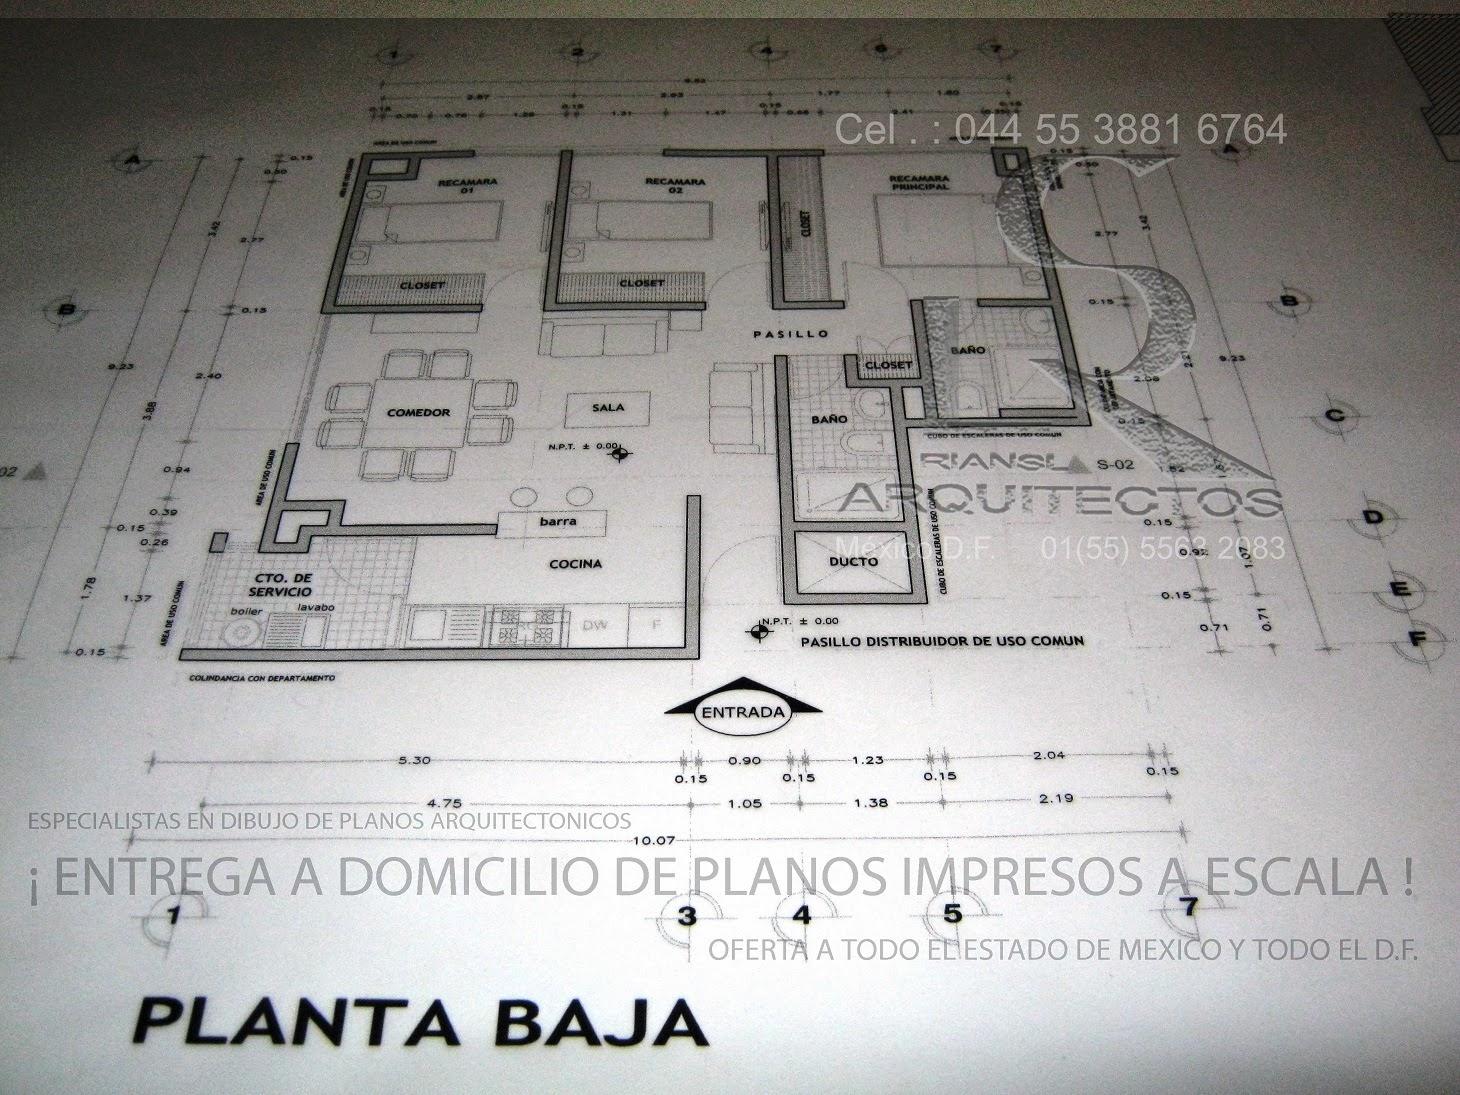 Especialistas en dibujo de planos arquitectonicos de casa for Pie de plano arquitectonico pdf